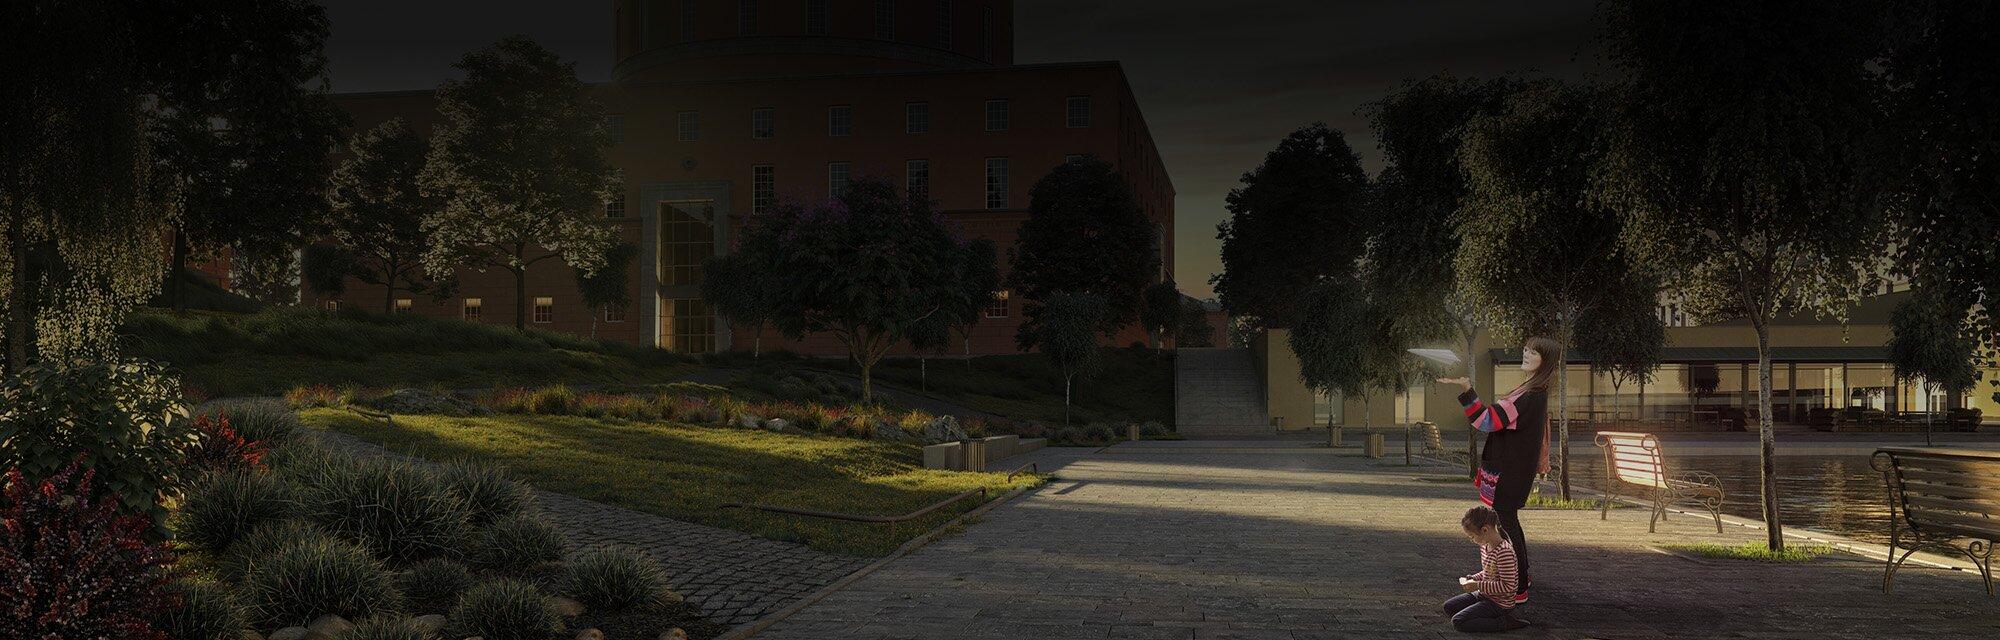 wizualizacje architektoniczne | portfolio